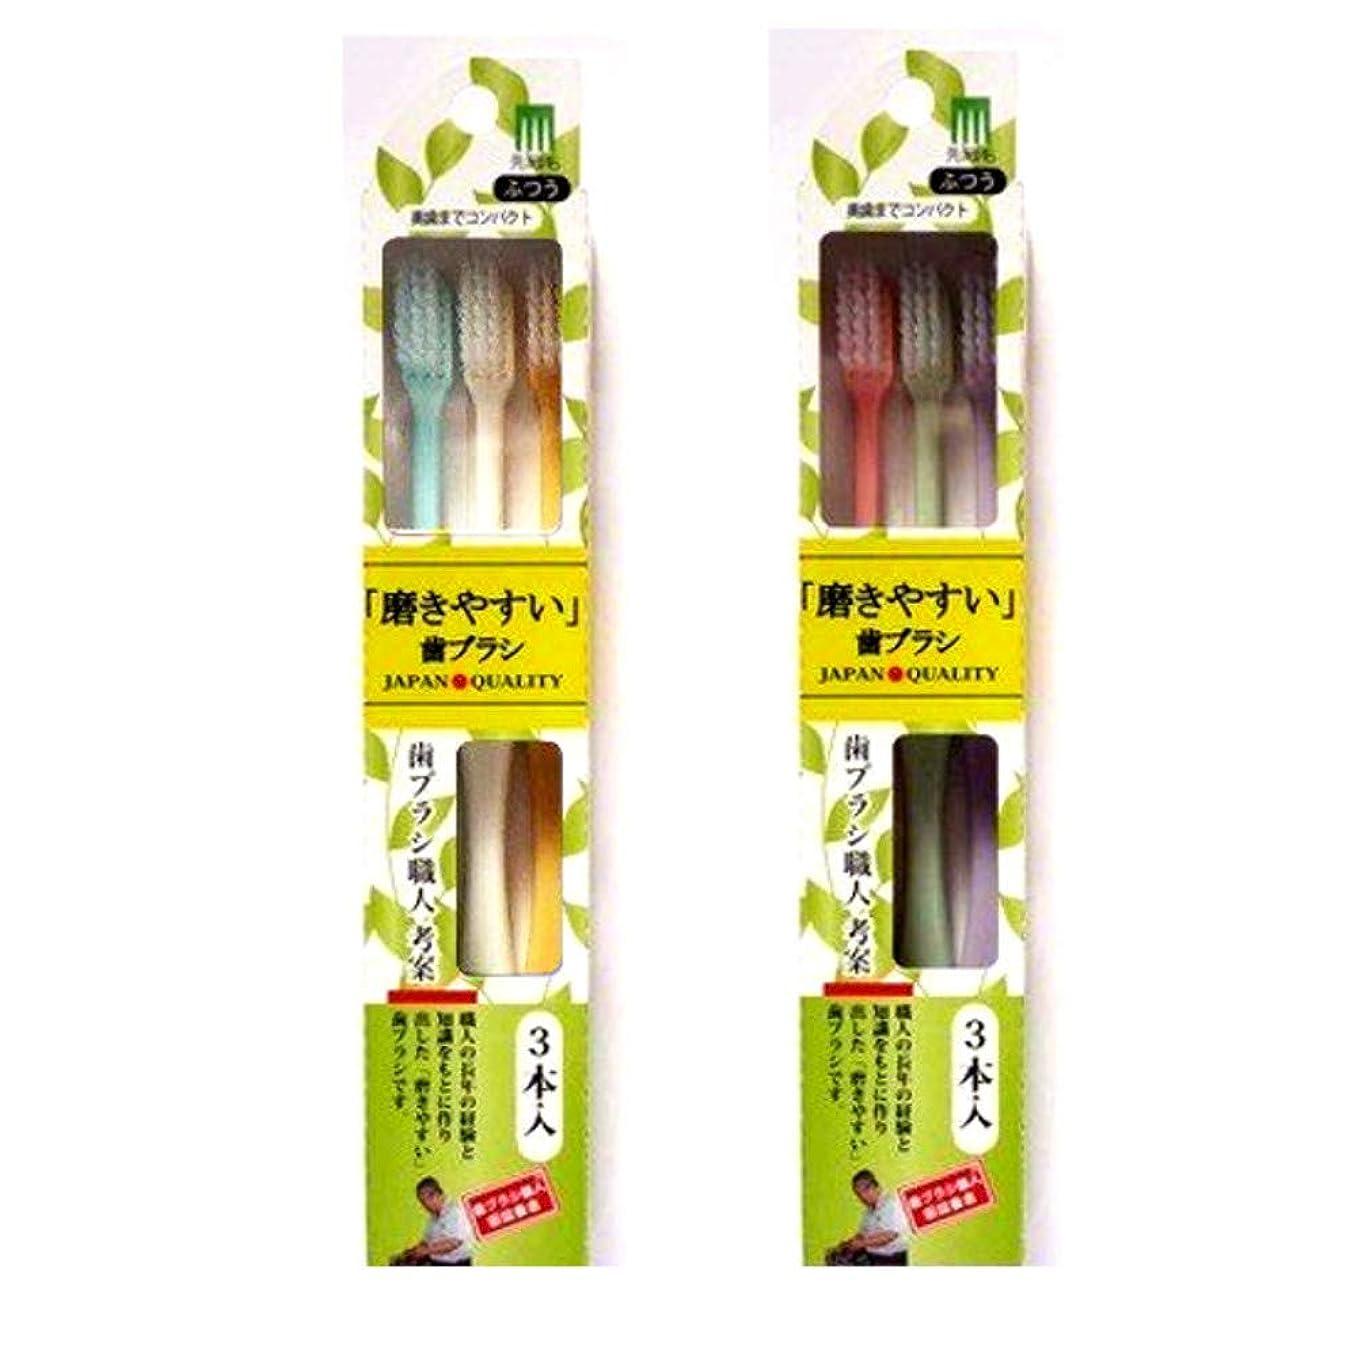 合金ぴったり星磨きやすい歯ブラシ (先細毛) 奥までコンパクト3本組 ELT-1 (色選択不可)